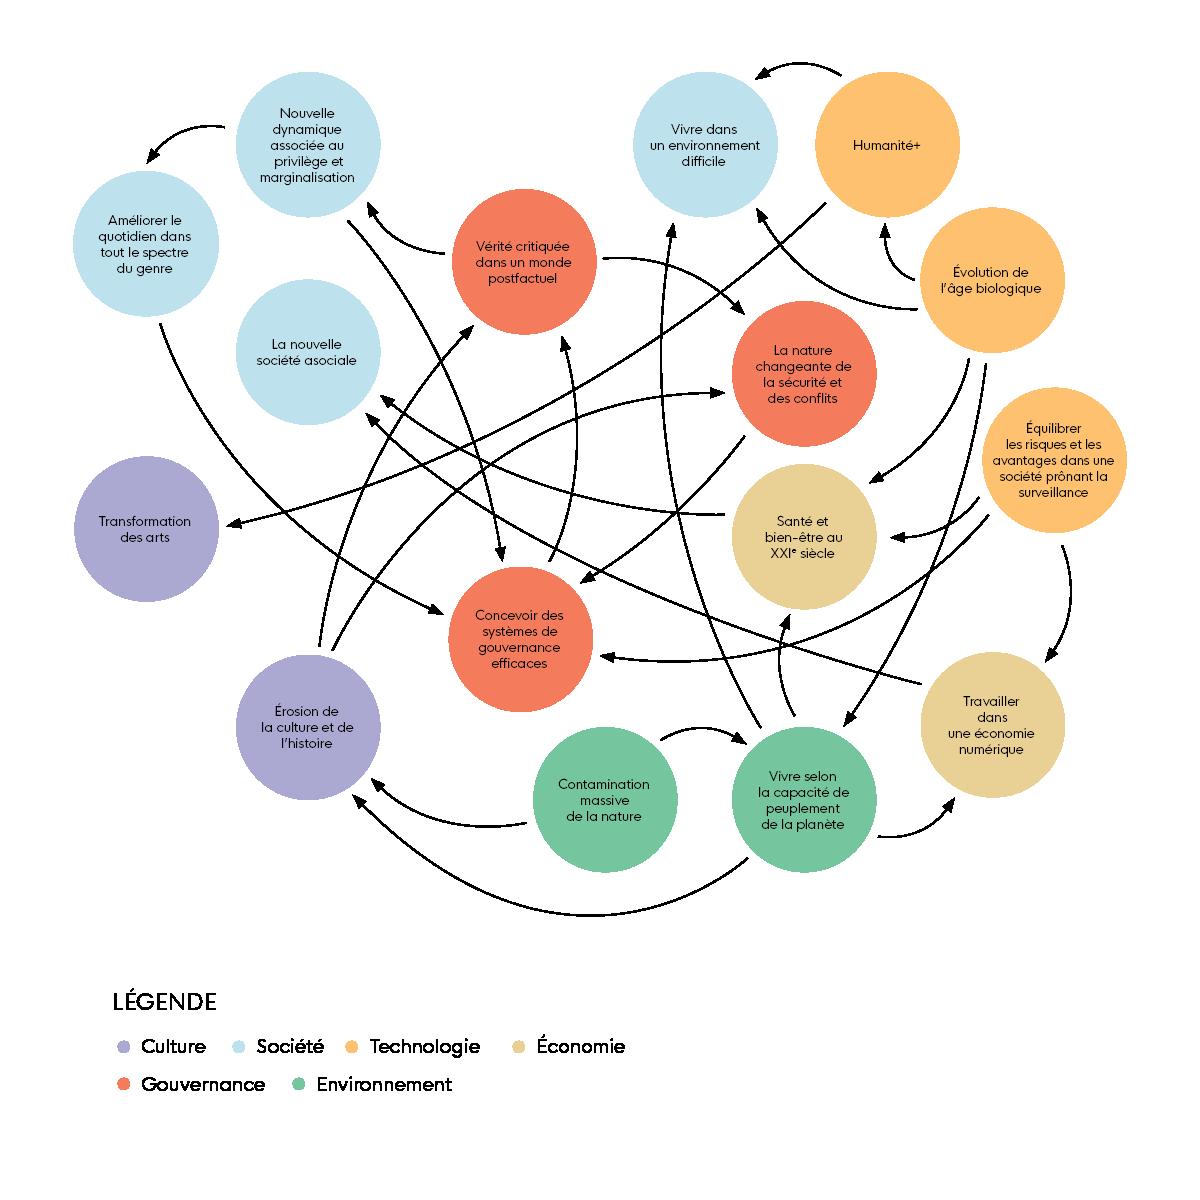 Cette image est intitulée 'Carte système des défis.' Il illustre les 16 défis mondiaux émergents et leur lien entre eux.